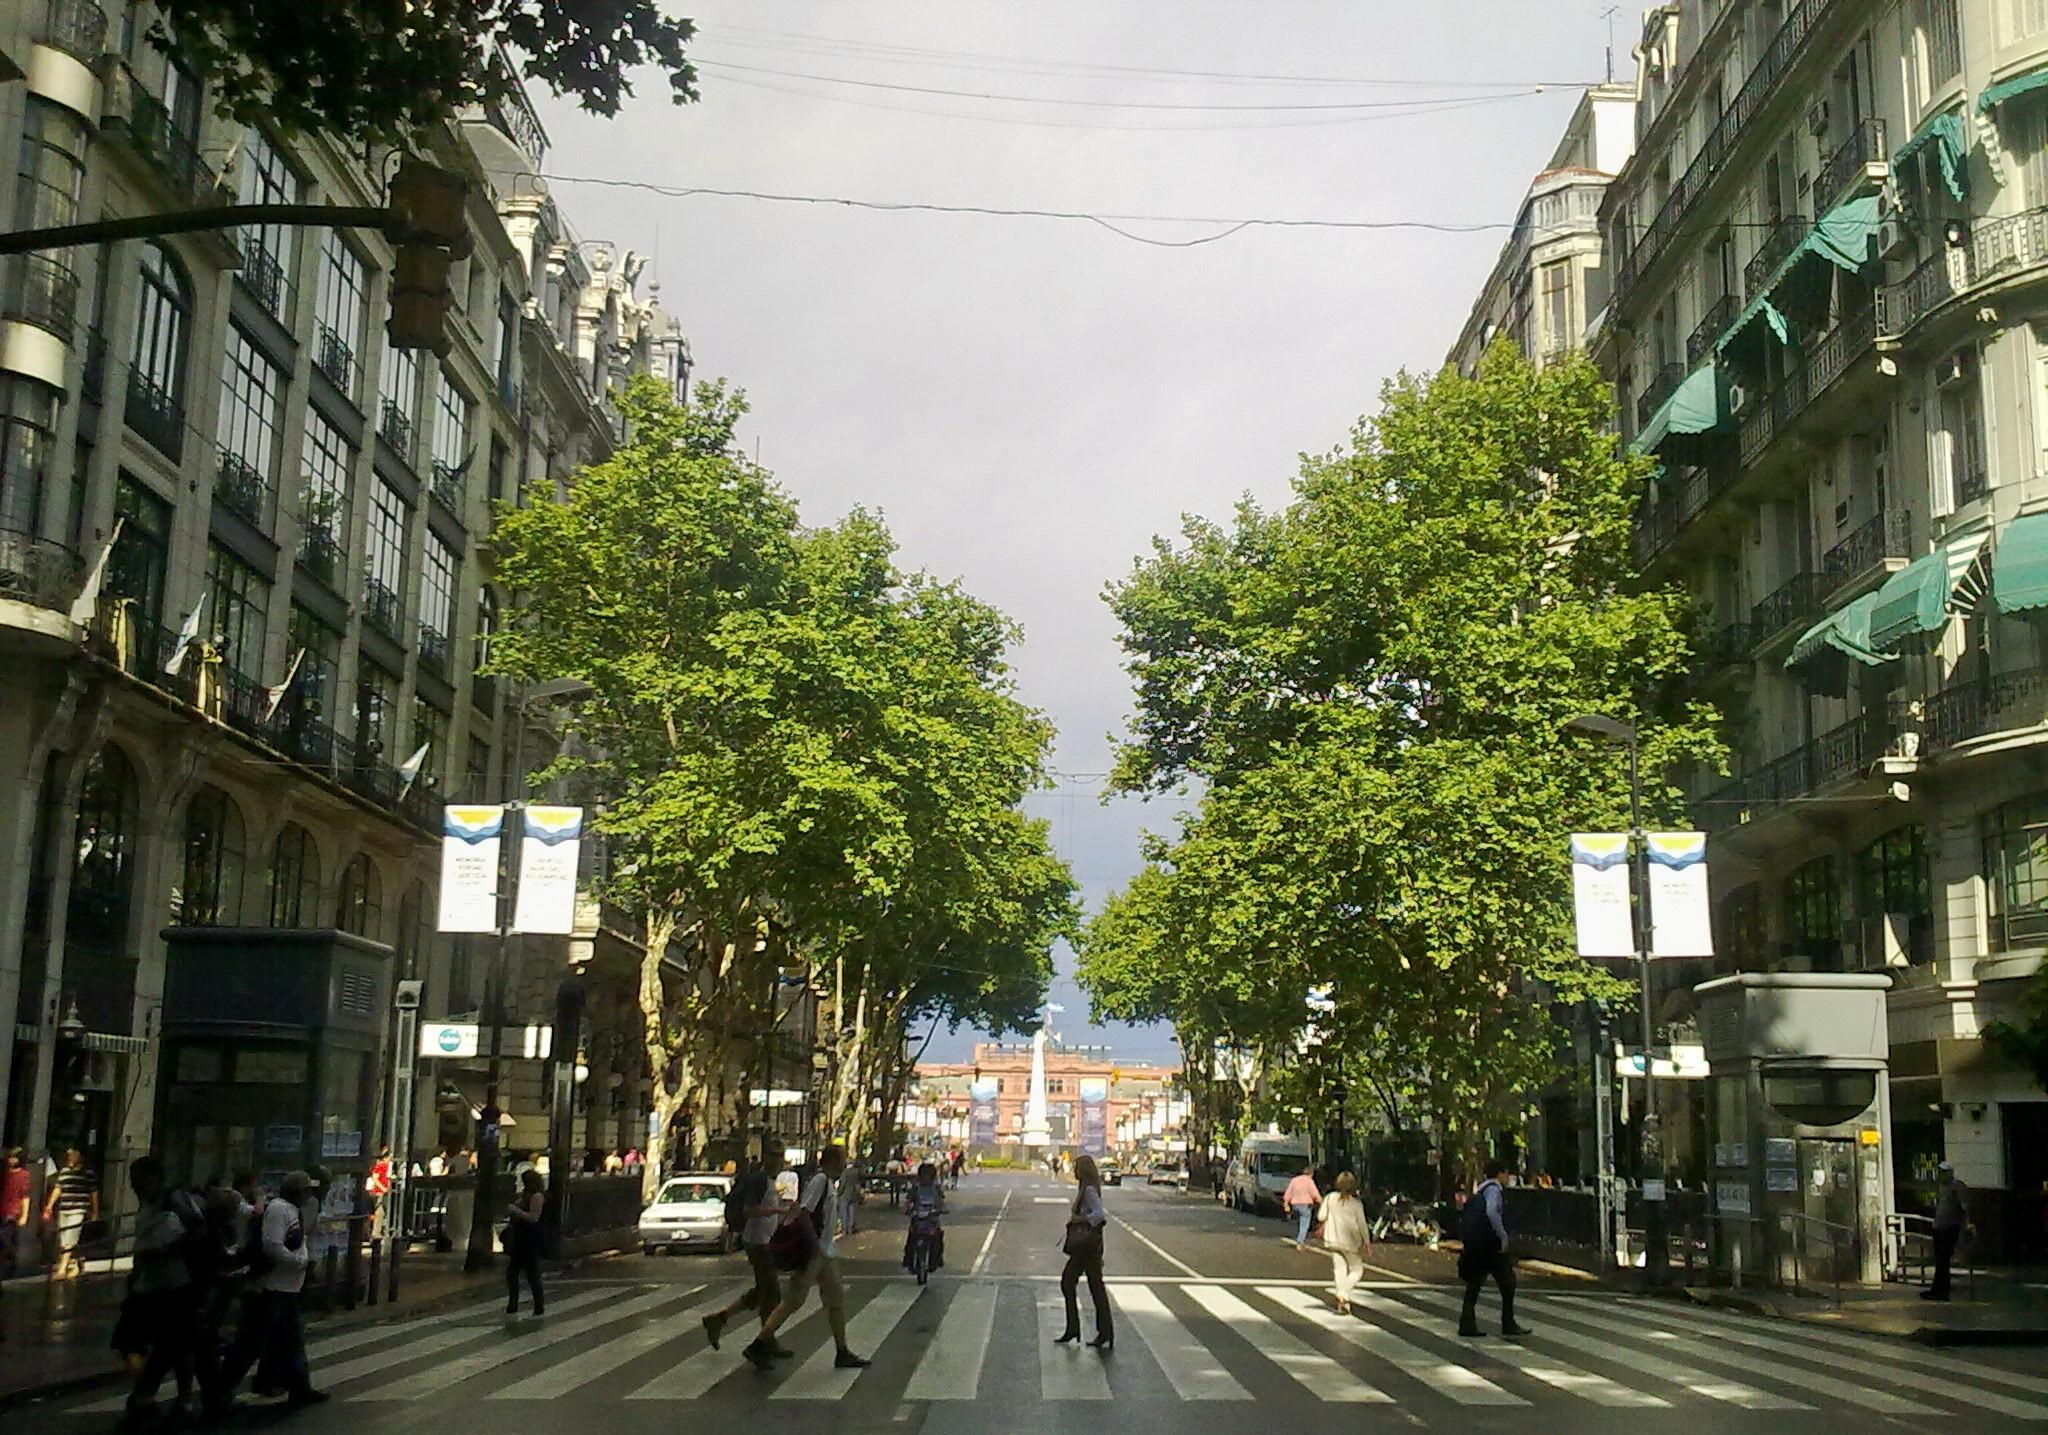 Avenidas - La Avenida de Mayo fue pensada como símbolo de riqueza y opulencia.